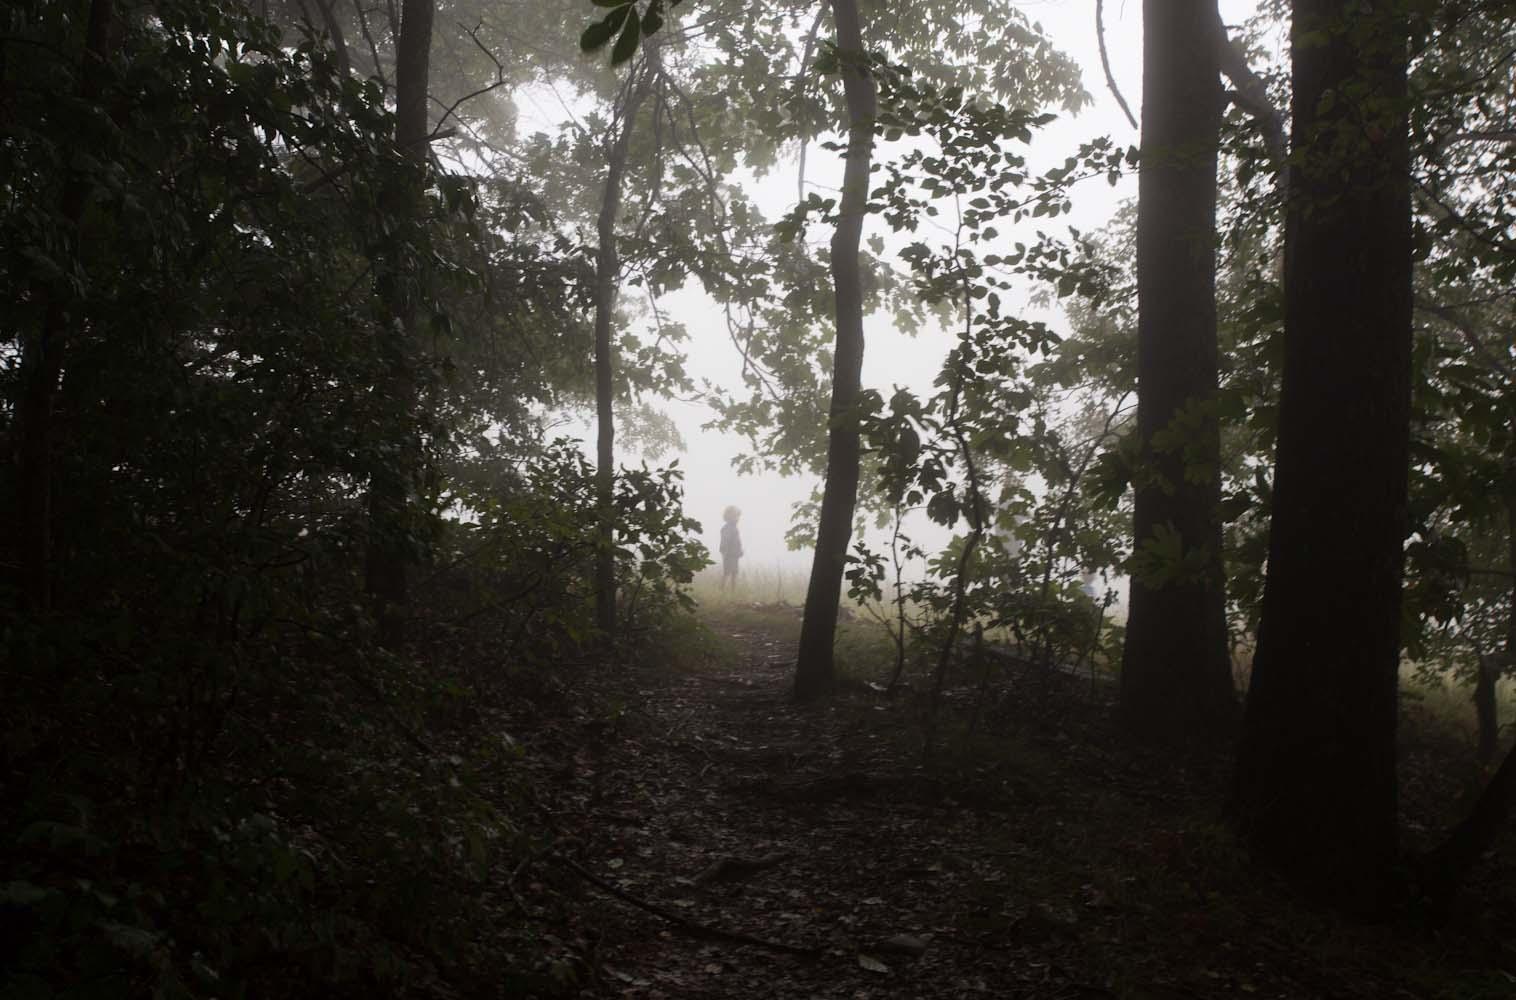 tate_hiking in fog-2278.jpg